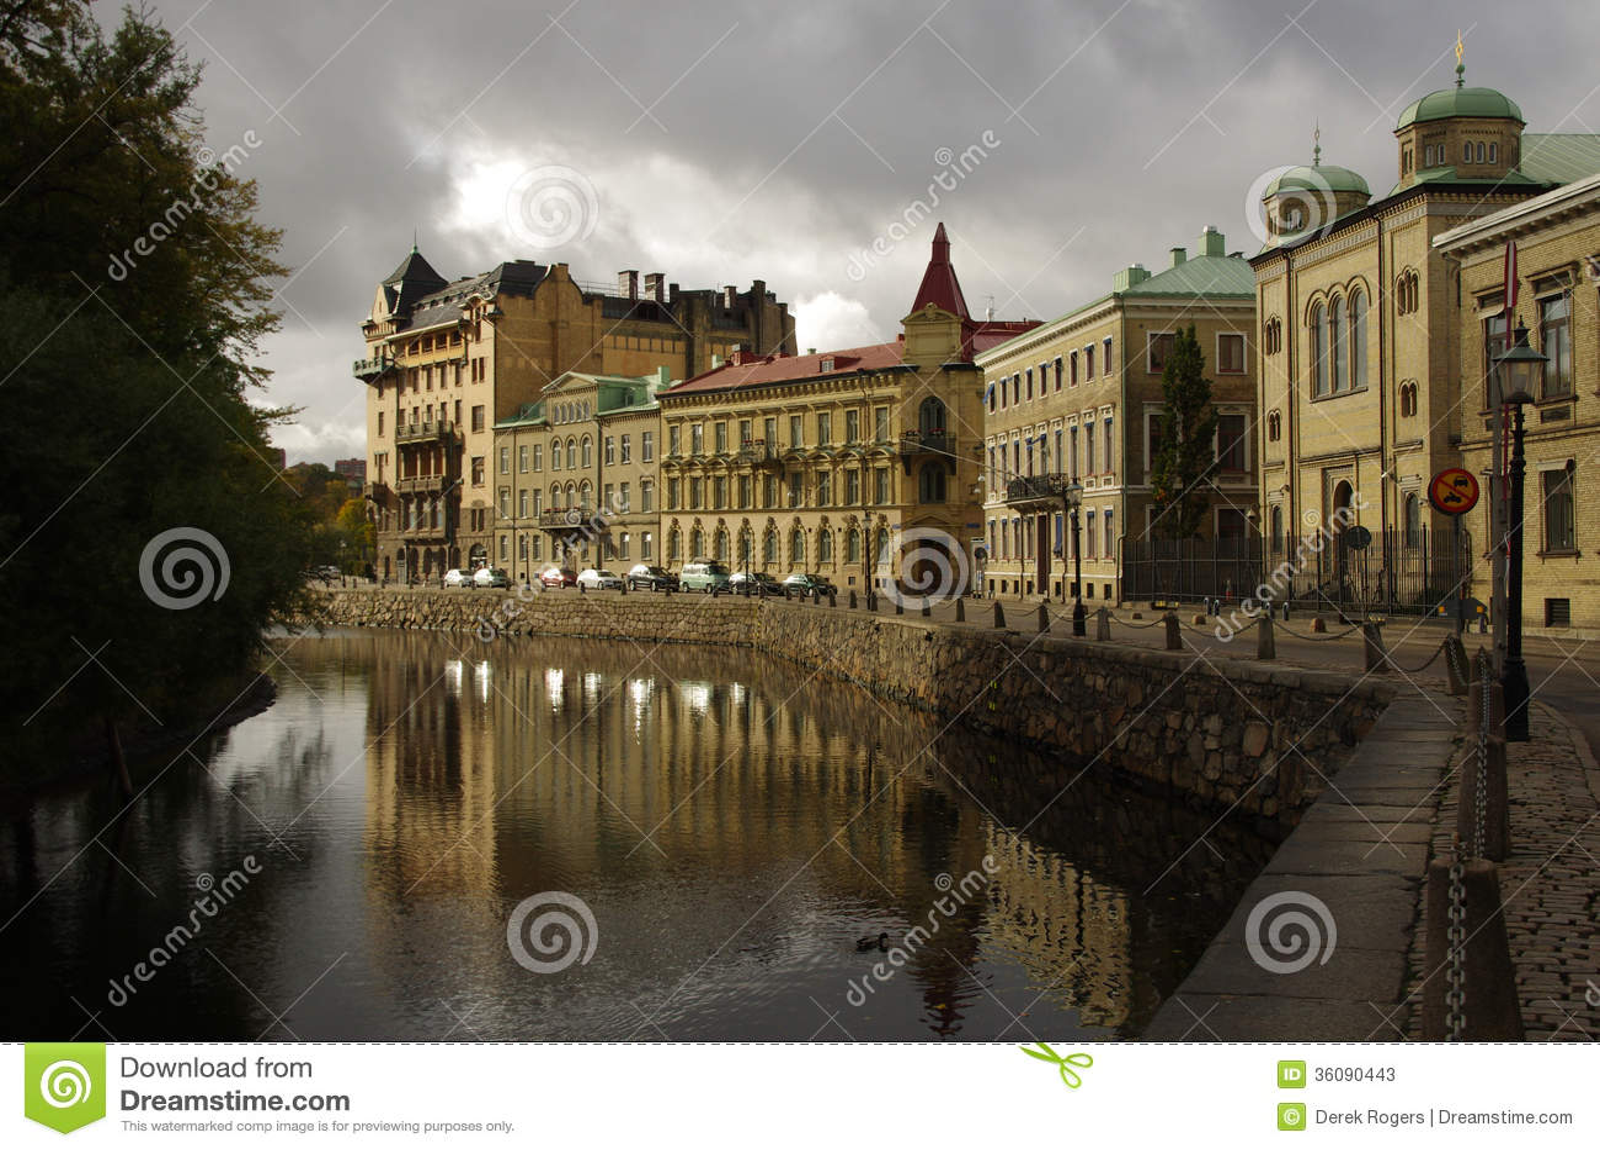 Canal, Gothenburg Sweden